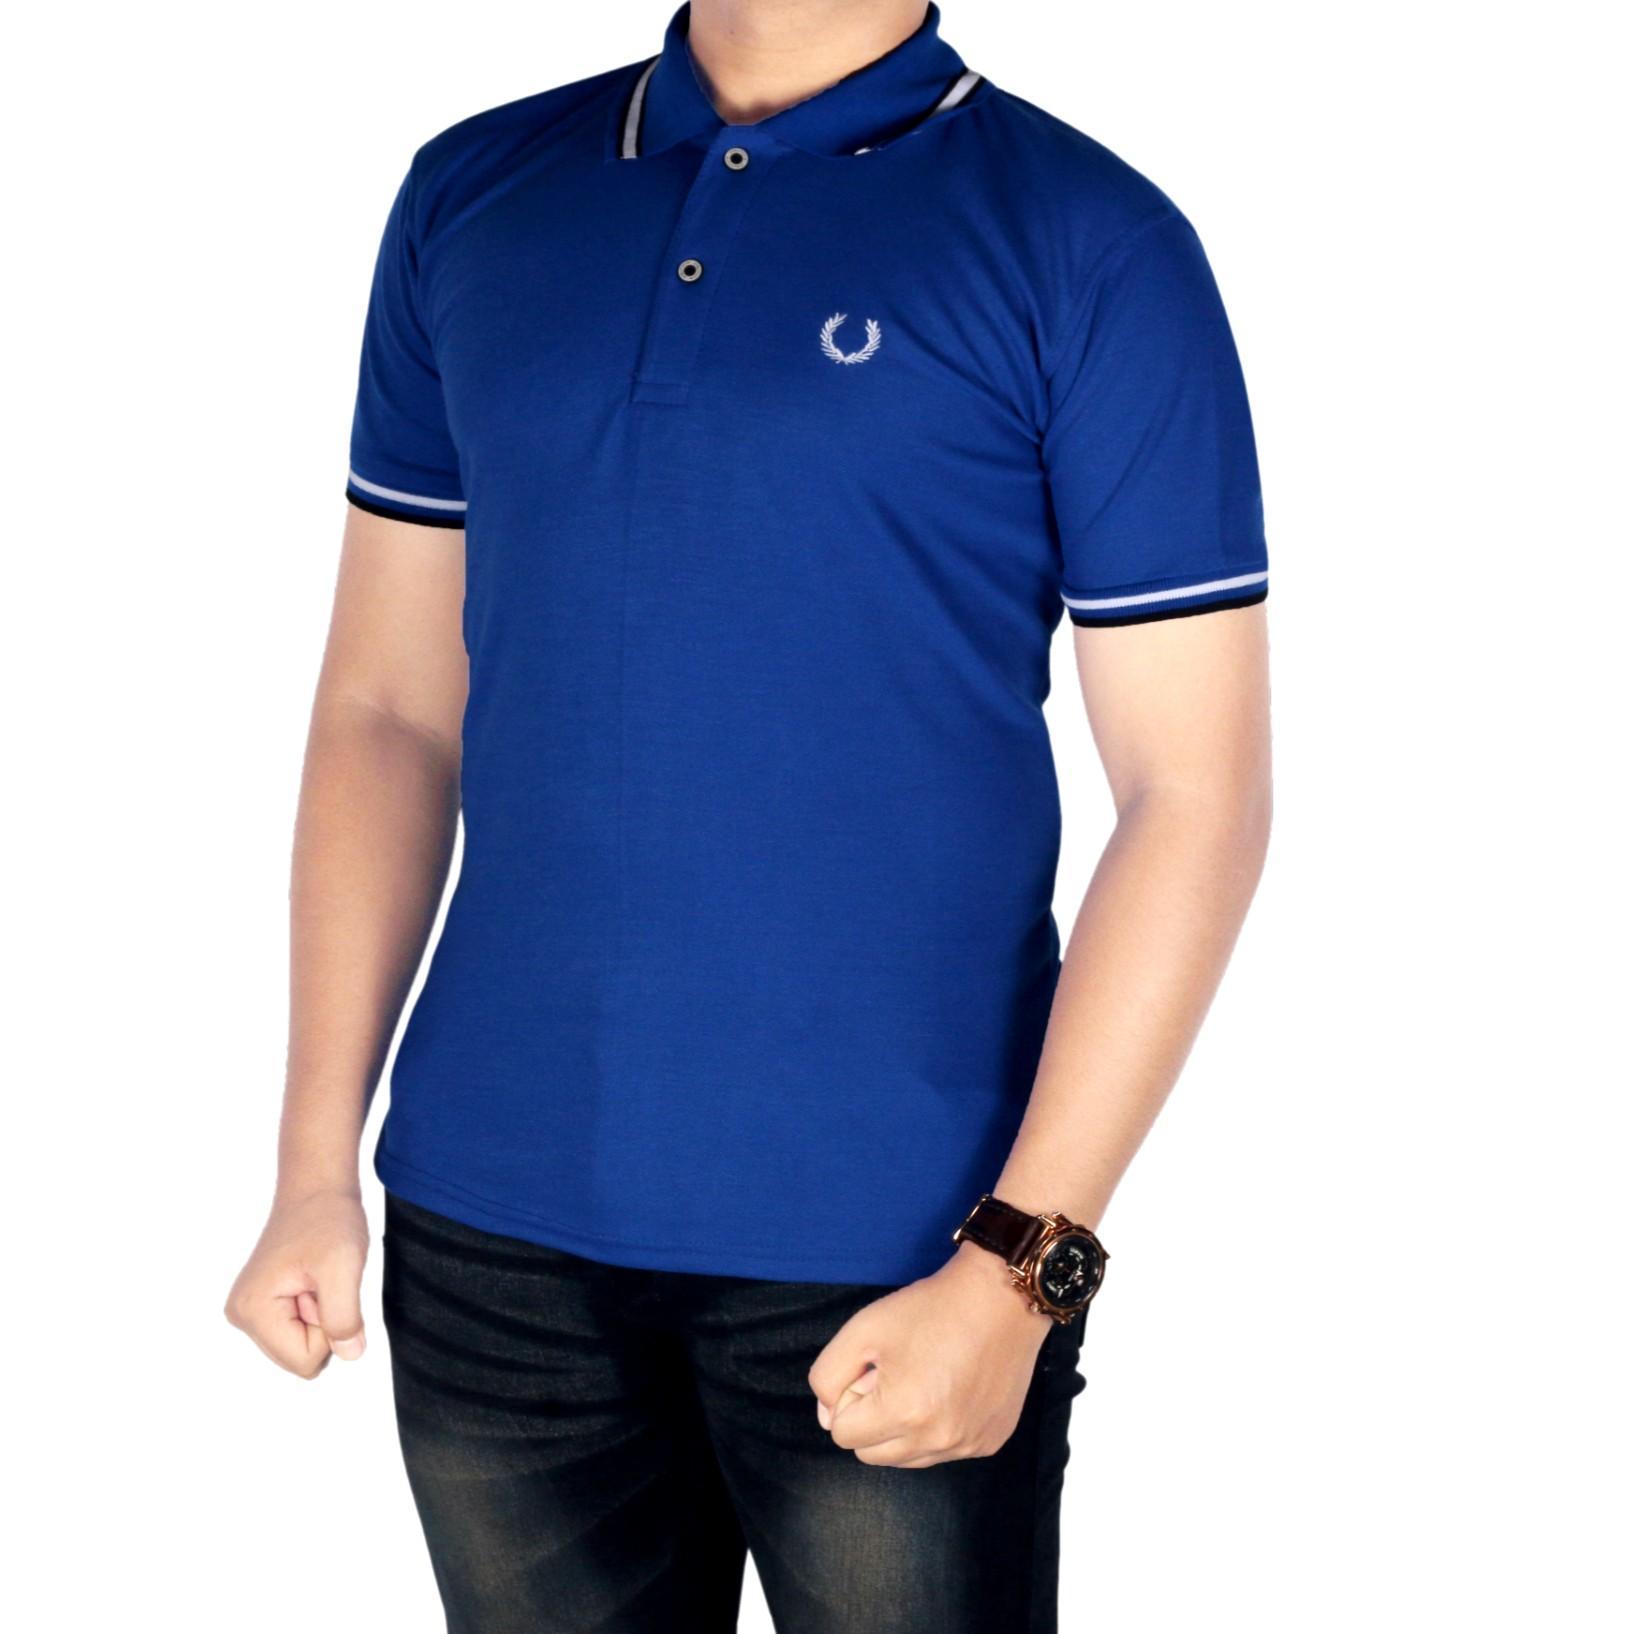 Dgm_Fashion1 baju kaos kerah pria / Kaos Polo Kerah Sanghai/Polo Kerah/Kaos Polo Pria Kerah Sanghai/Kaos Polo Pria Sanghai KombinasiKaos PoloShirt Pria/Polo men/Kaos Polo/Polo Kaos/Kaos Polo Six IP 5515 Biru